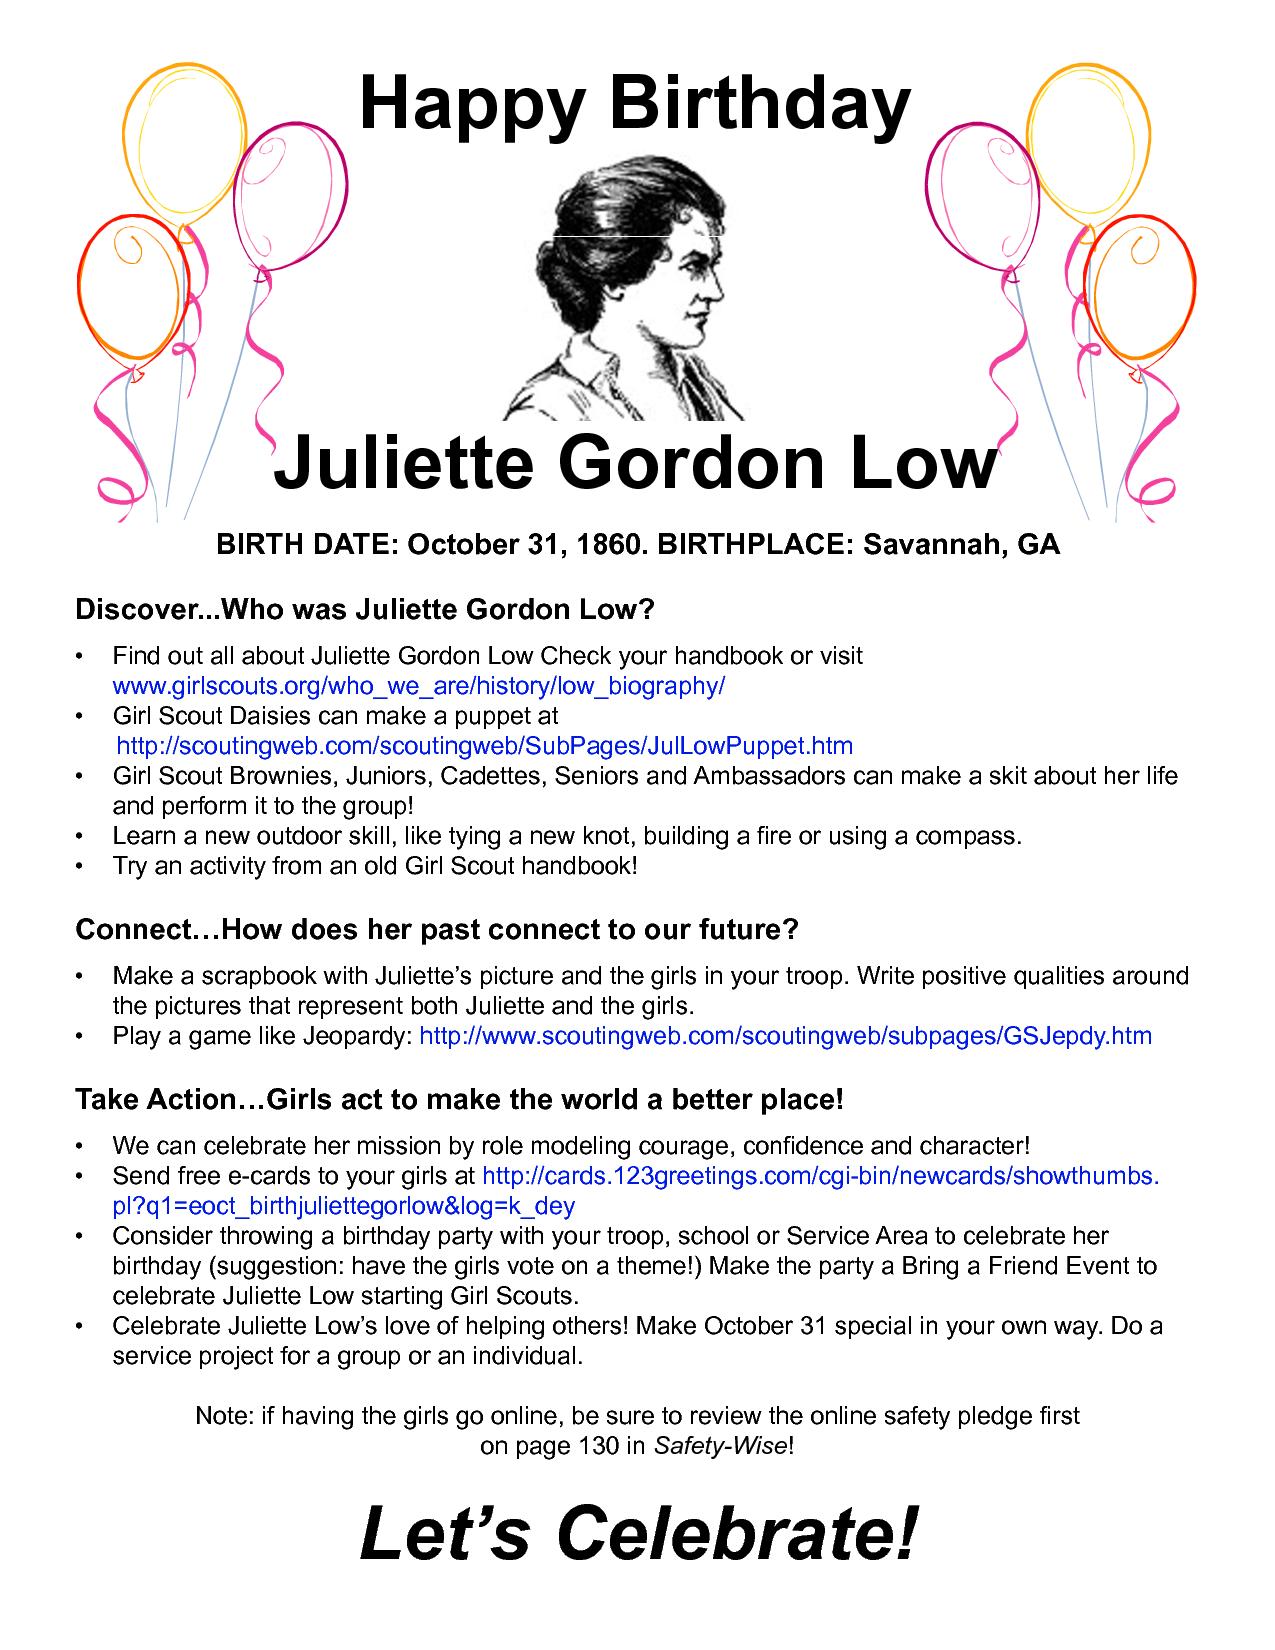 Juliette Gordon Low Birthday Bash